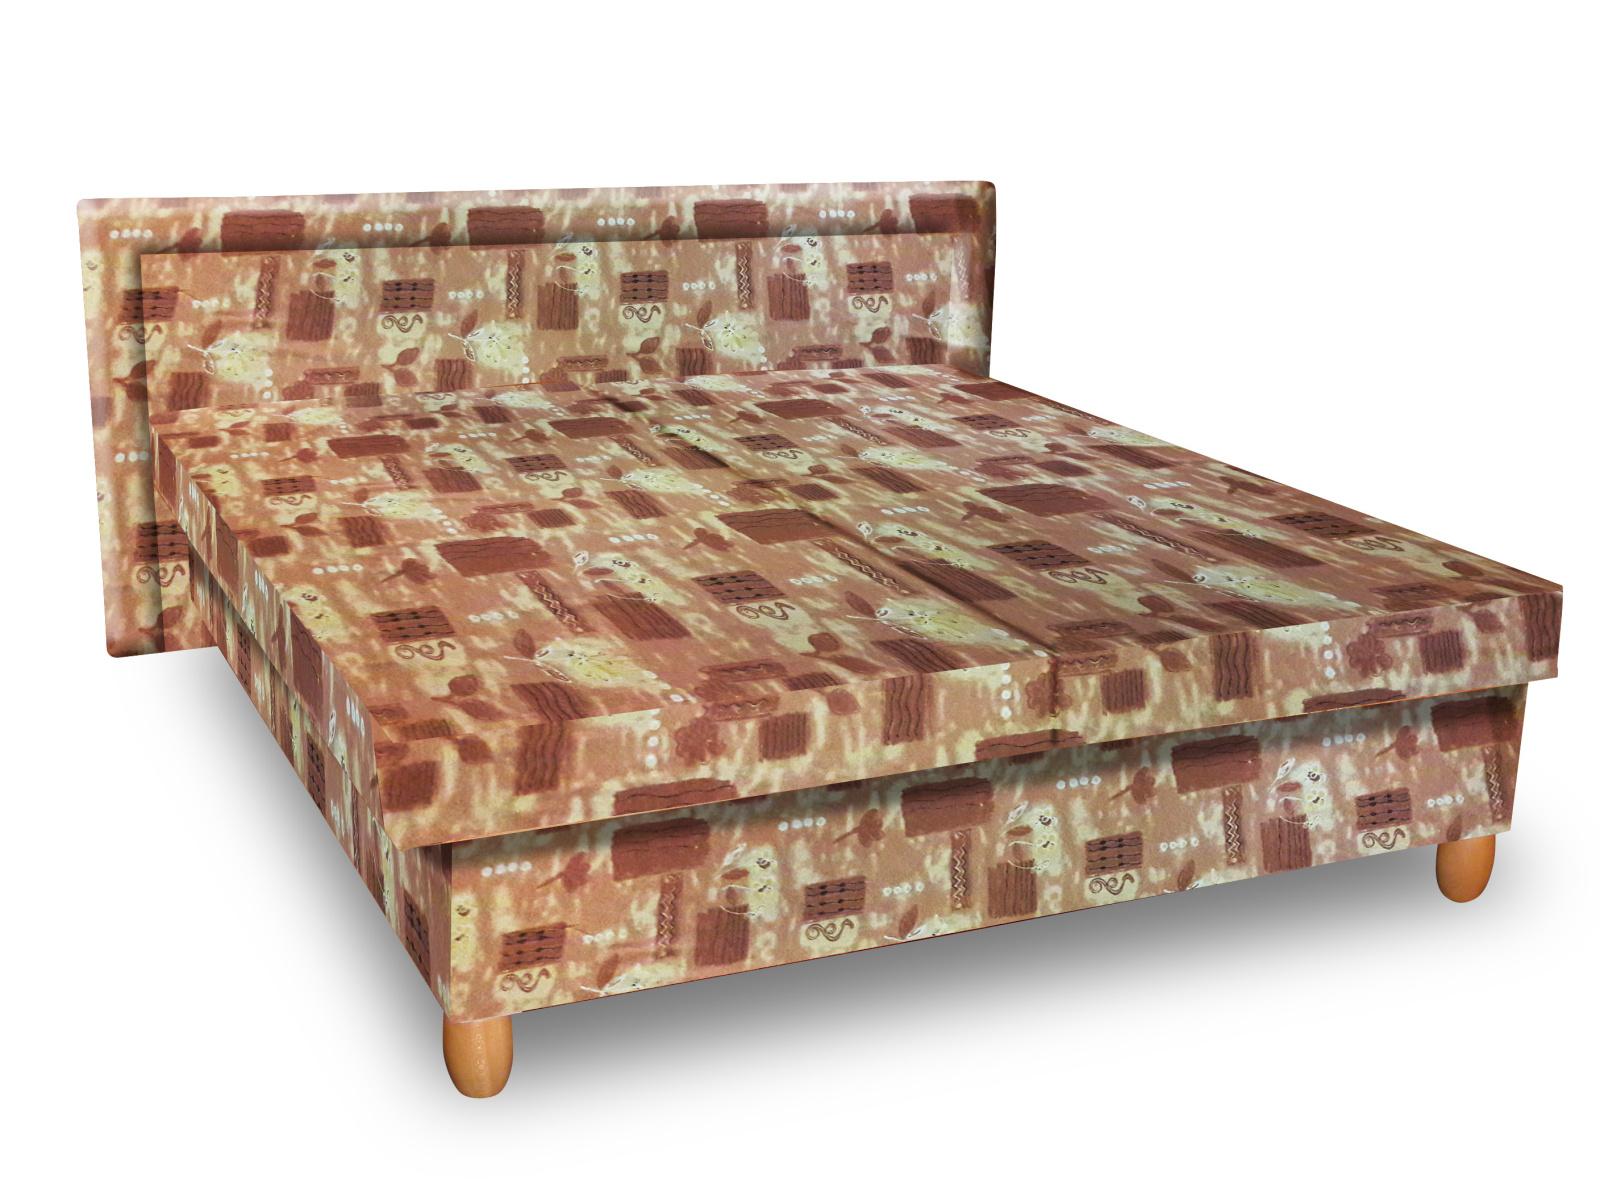 Smartshop Čalouněná postel IVA 180x200 cm, hnědá látka